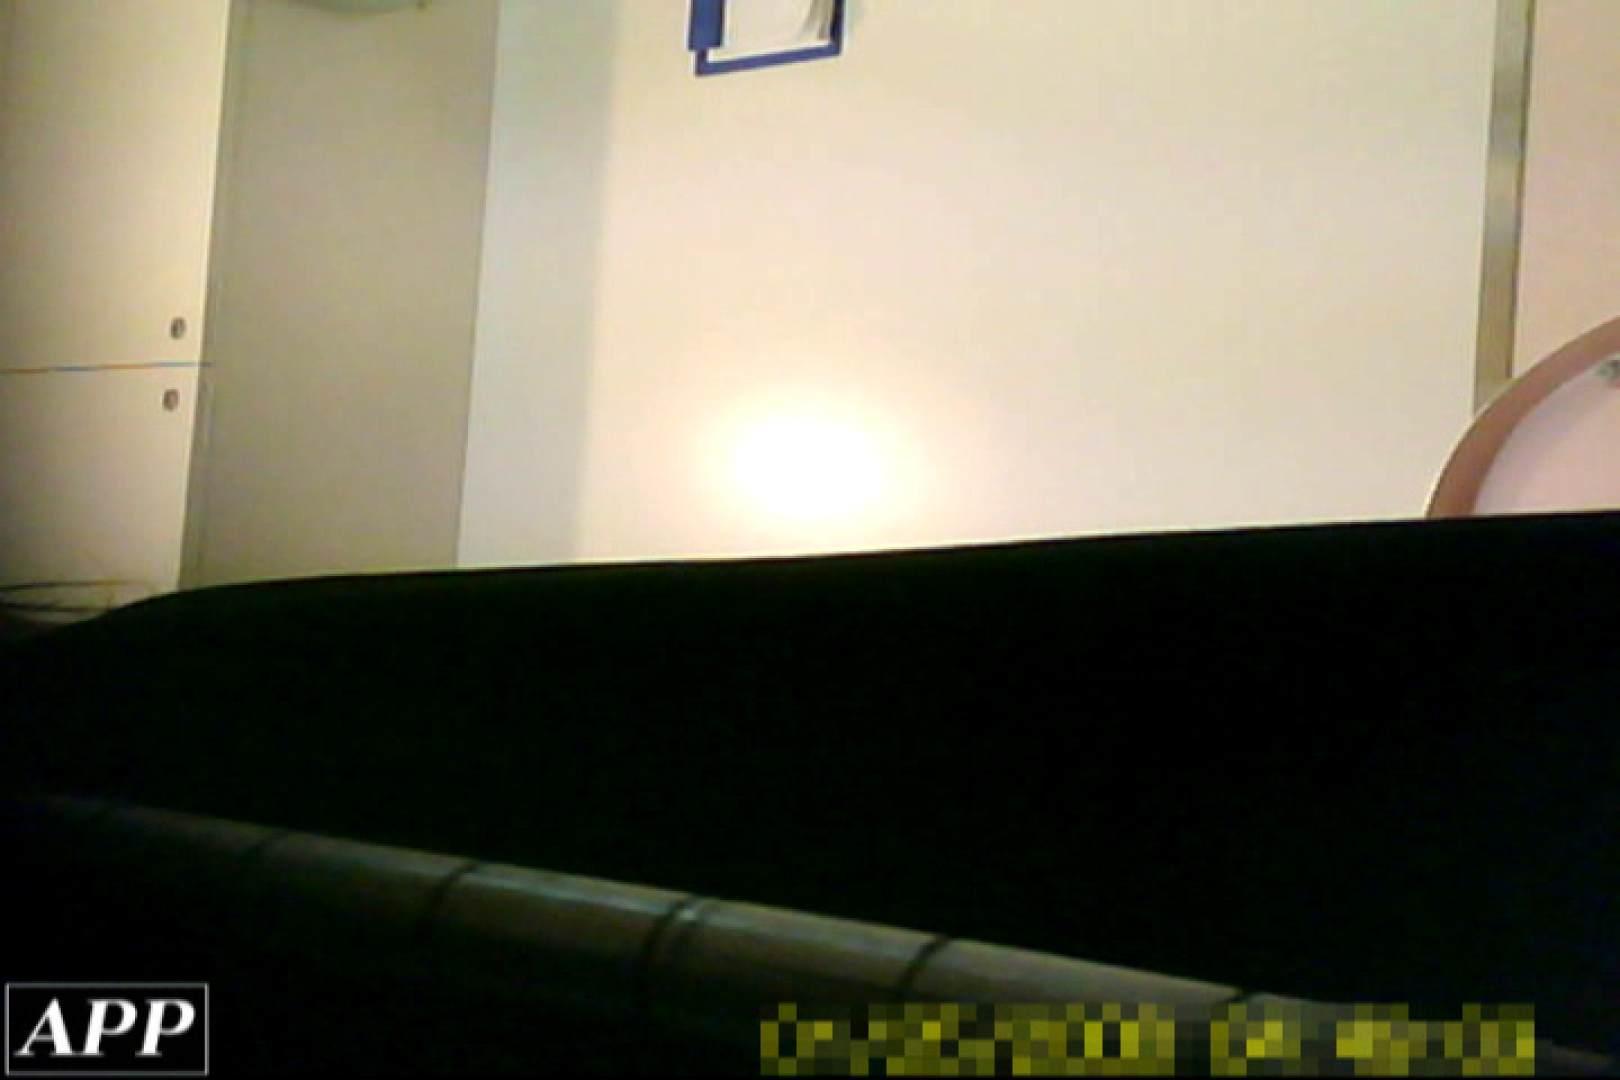 3視点洗面所 vol.135 オマンコ   OLのボディ  71PIX 25